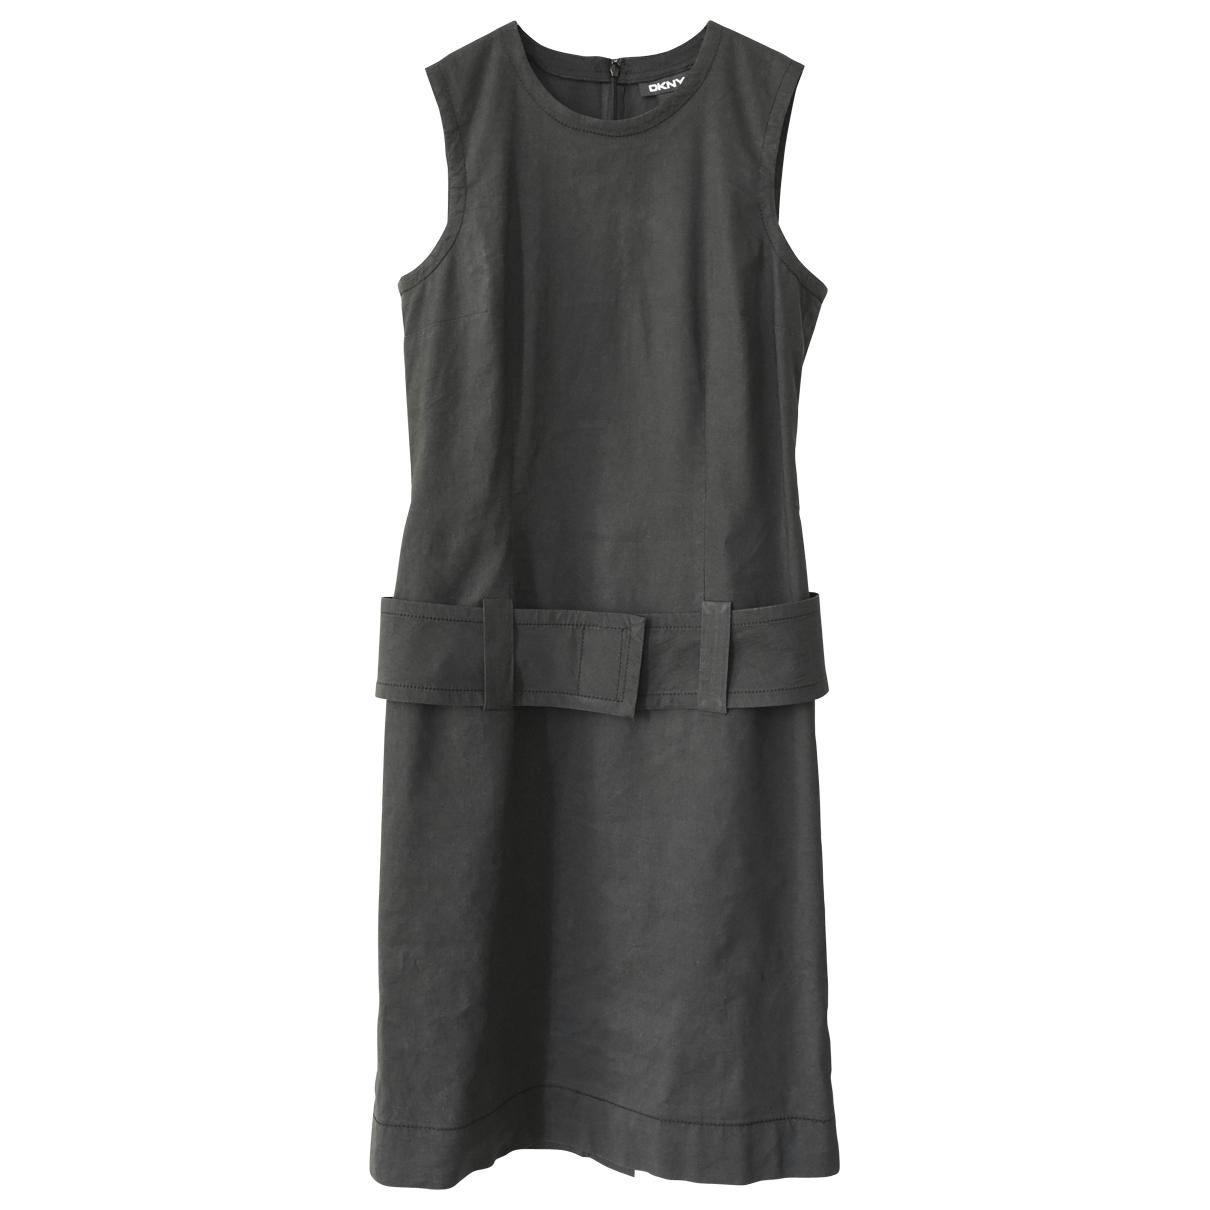 Dkny \N Black Linen dress for Women 6 UK